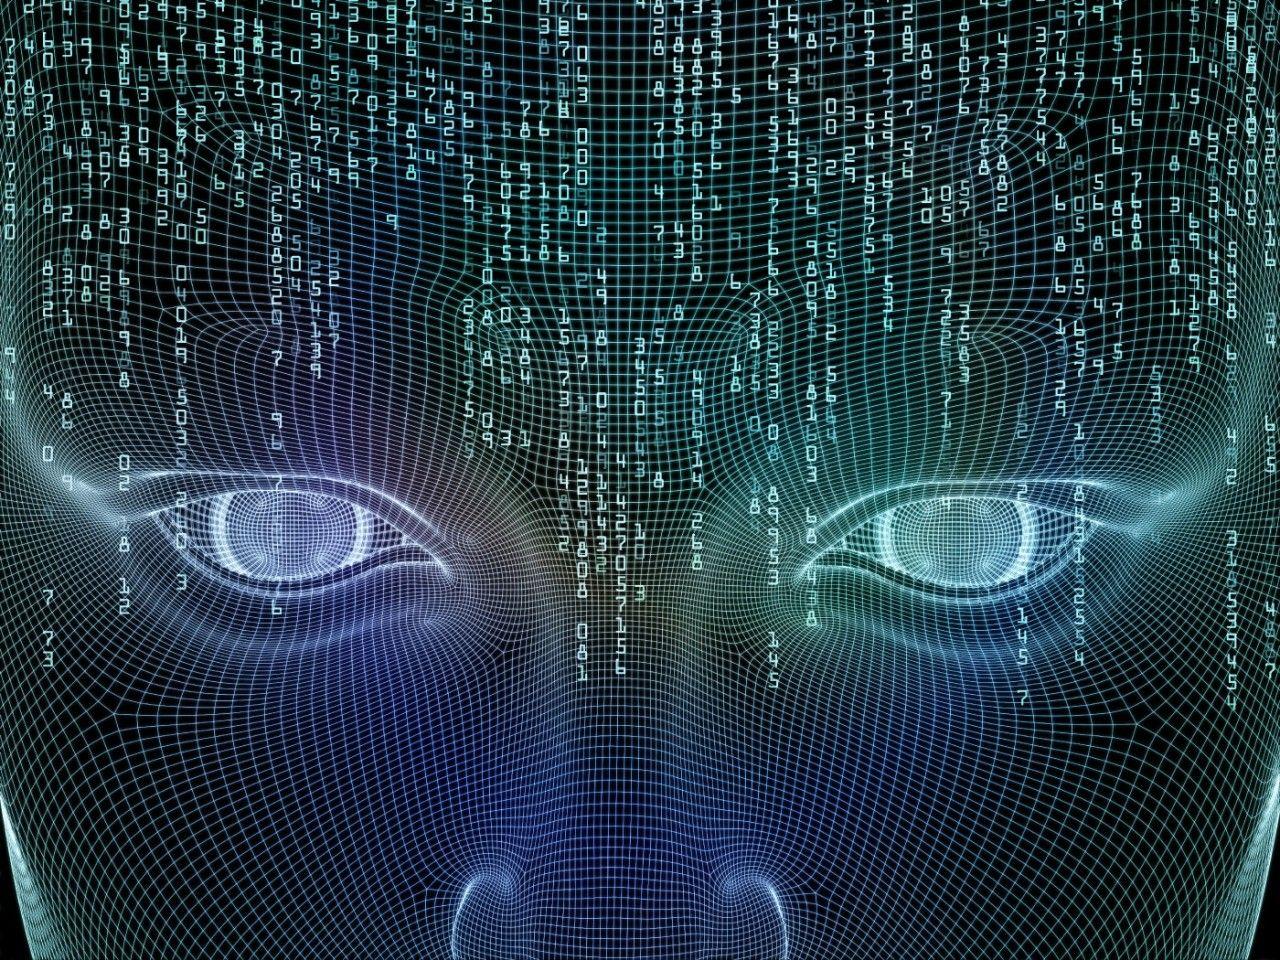 科幻文学中的人工智能伦理,有哪些中国故事?